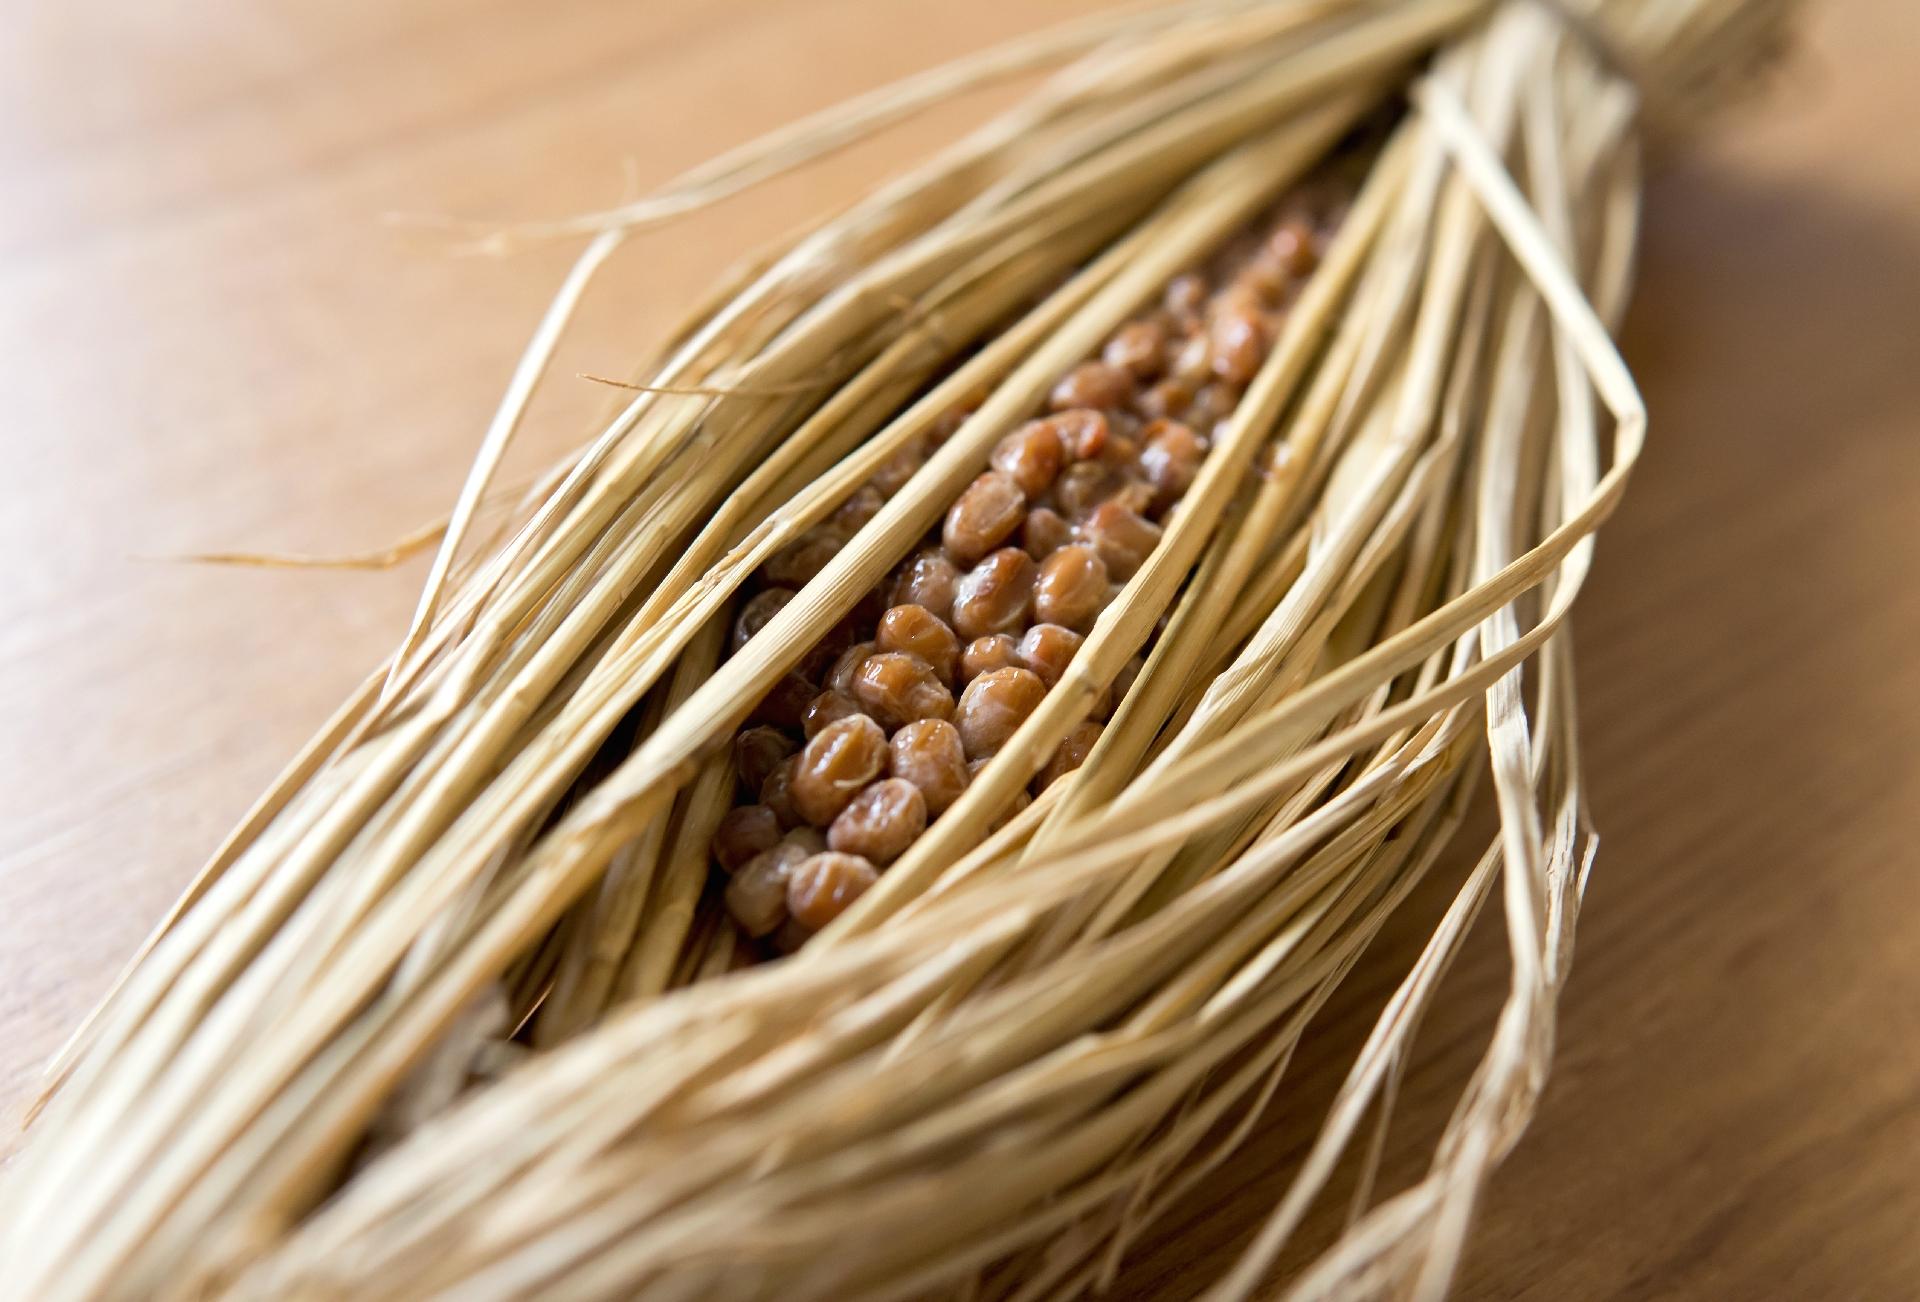 今こそ注目!納豆の健康効果と美味しいレシピ!ダイエットにも使える?